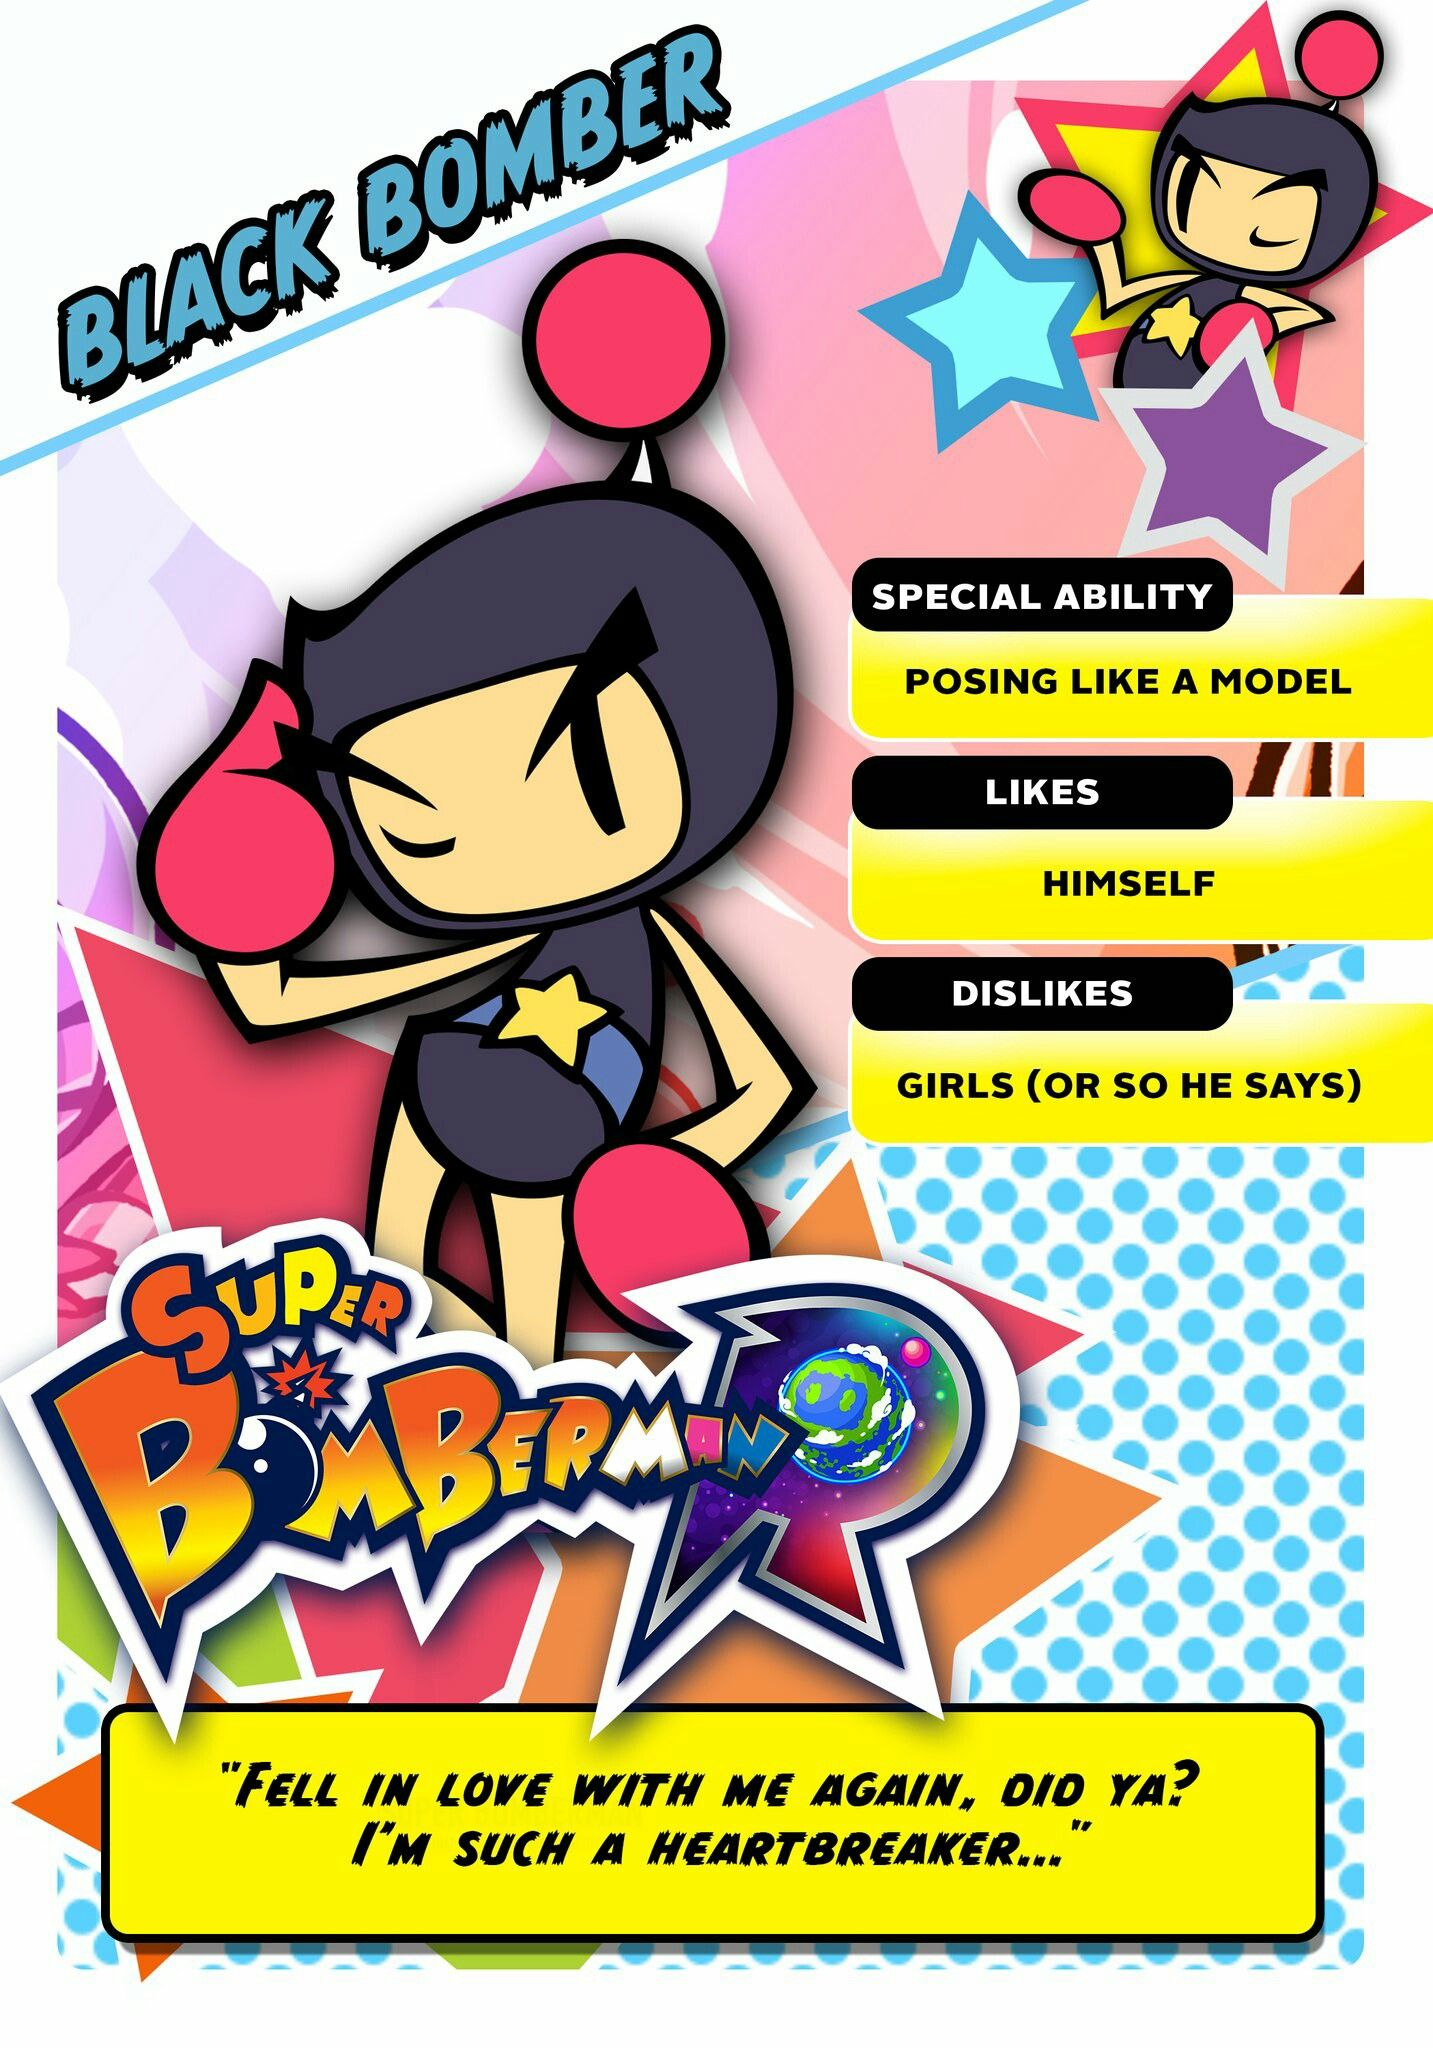 Super Bomberman R Black Bomber: Super Bomberman R Black Bomber